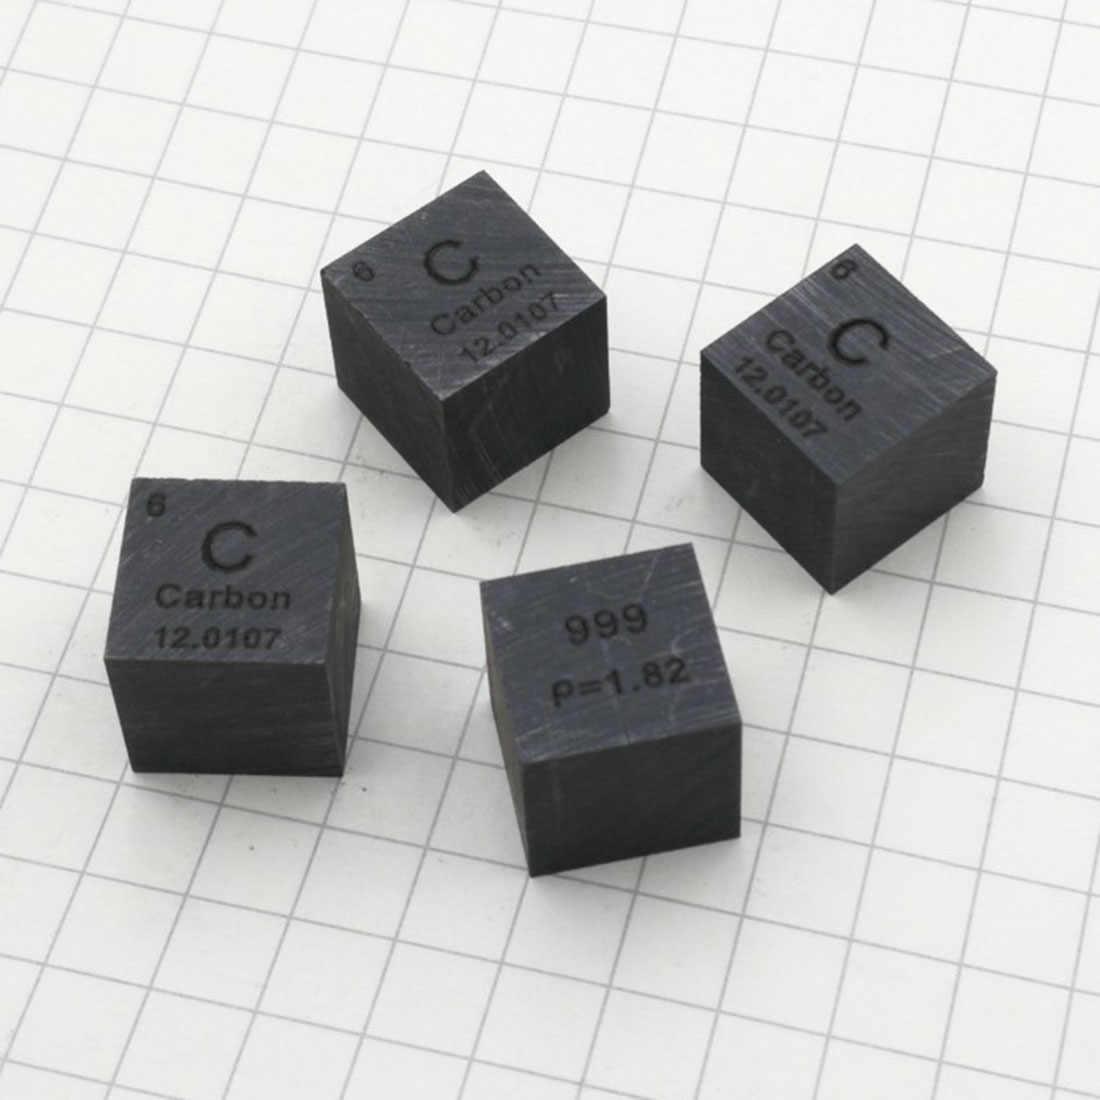 Tabla Periódica de elementos de cubo de carbono trefilado con alambre de 10X10X10mm (C≥ 99.9%) para la colección de estudios de investigación y educación escolar